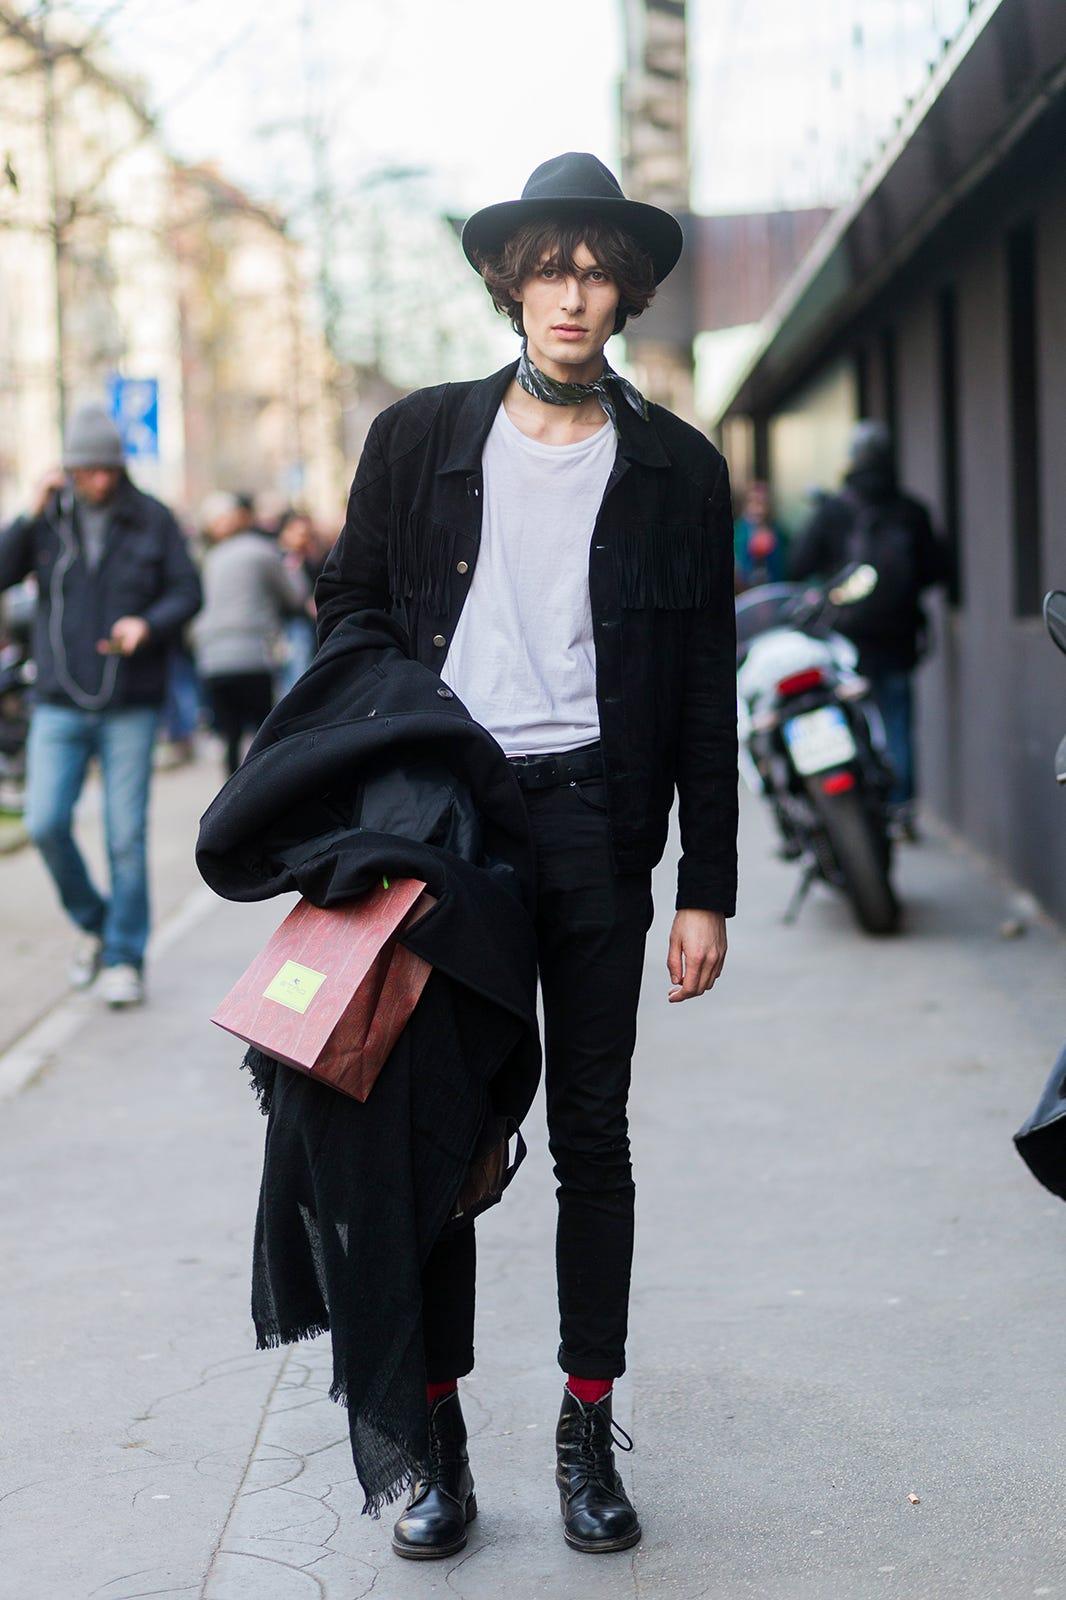 Male Model Off Duty Street Style - Male Model Fashion